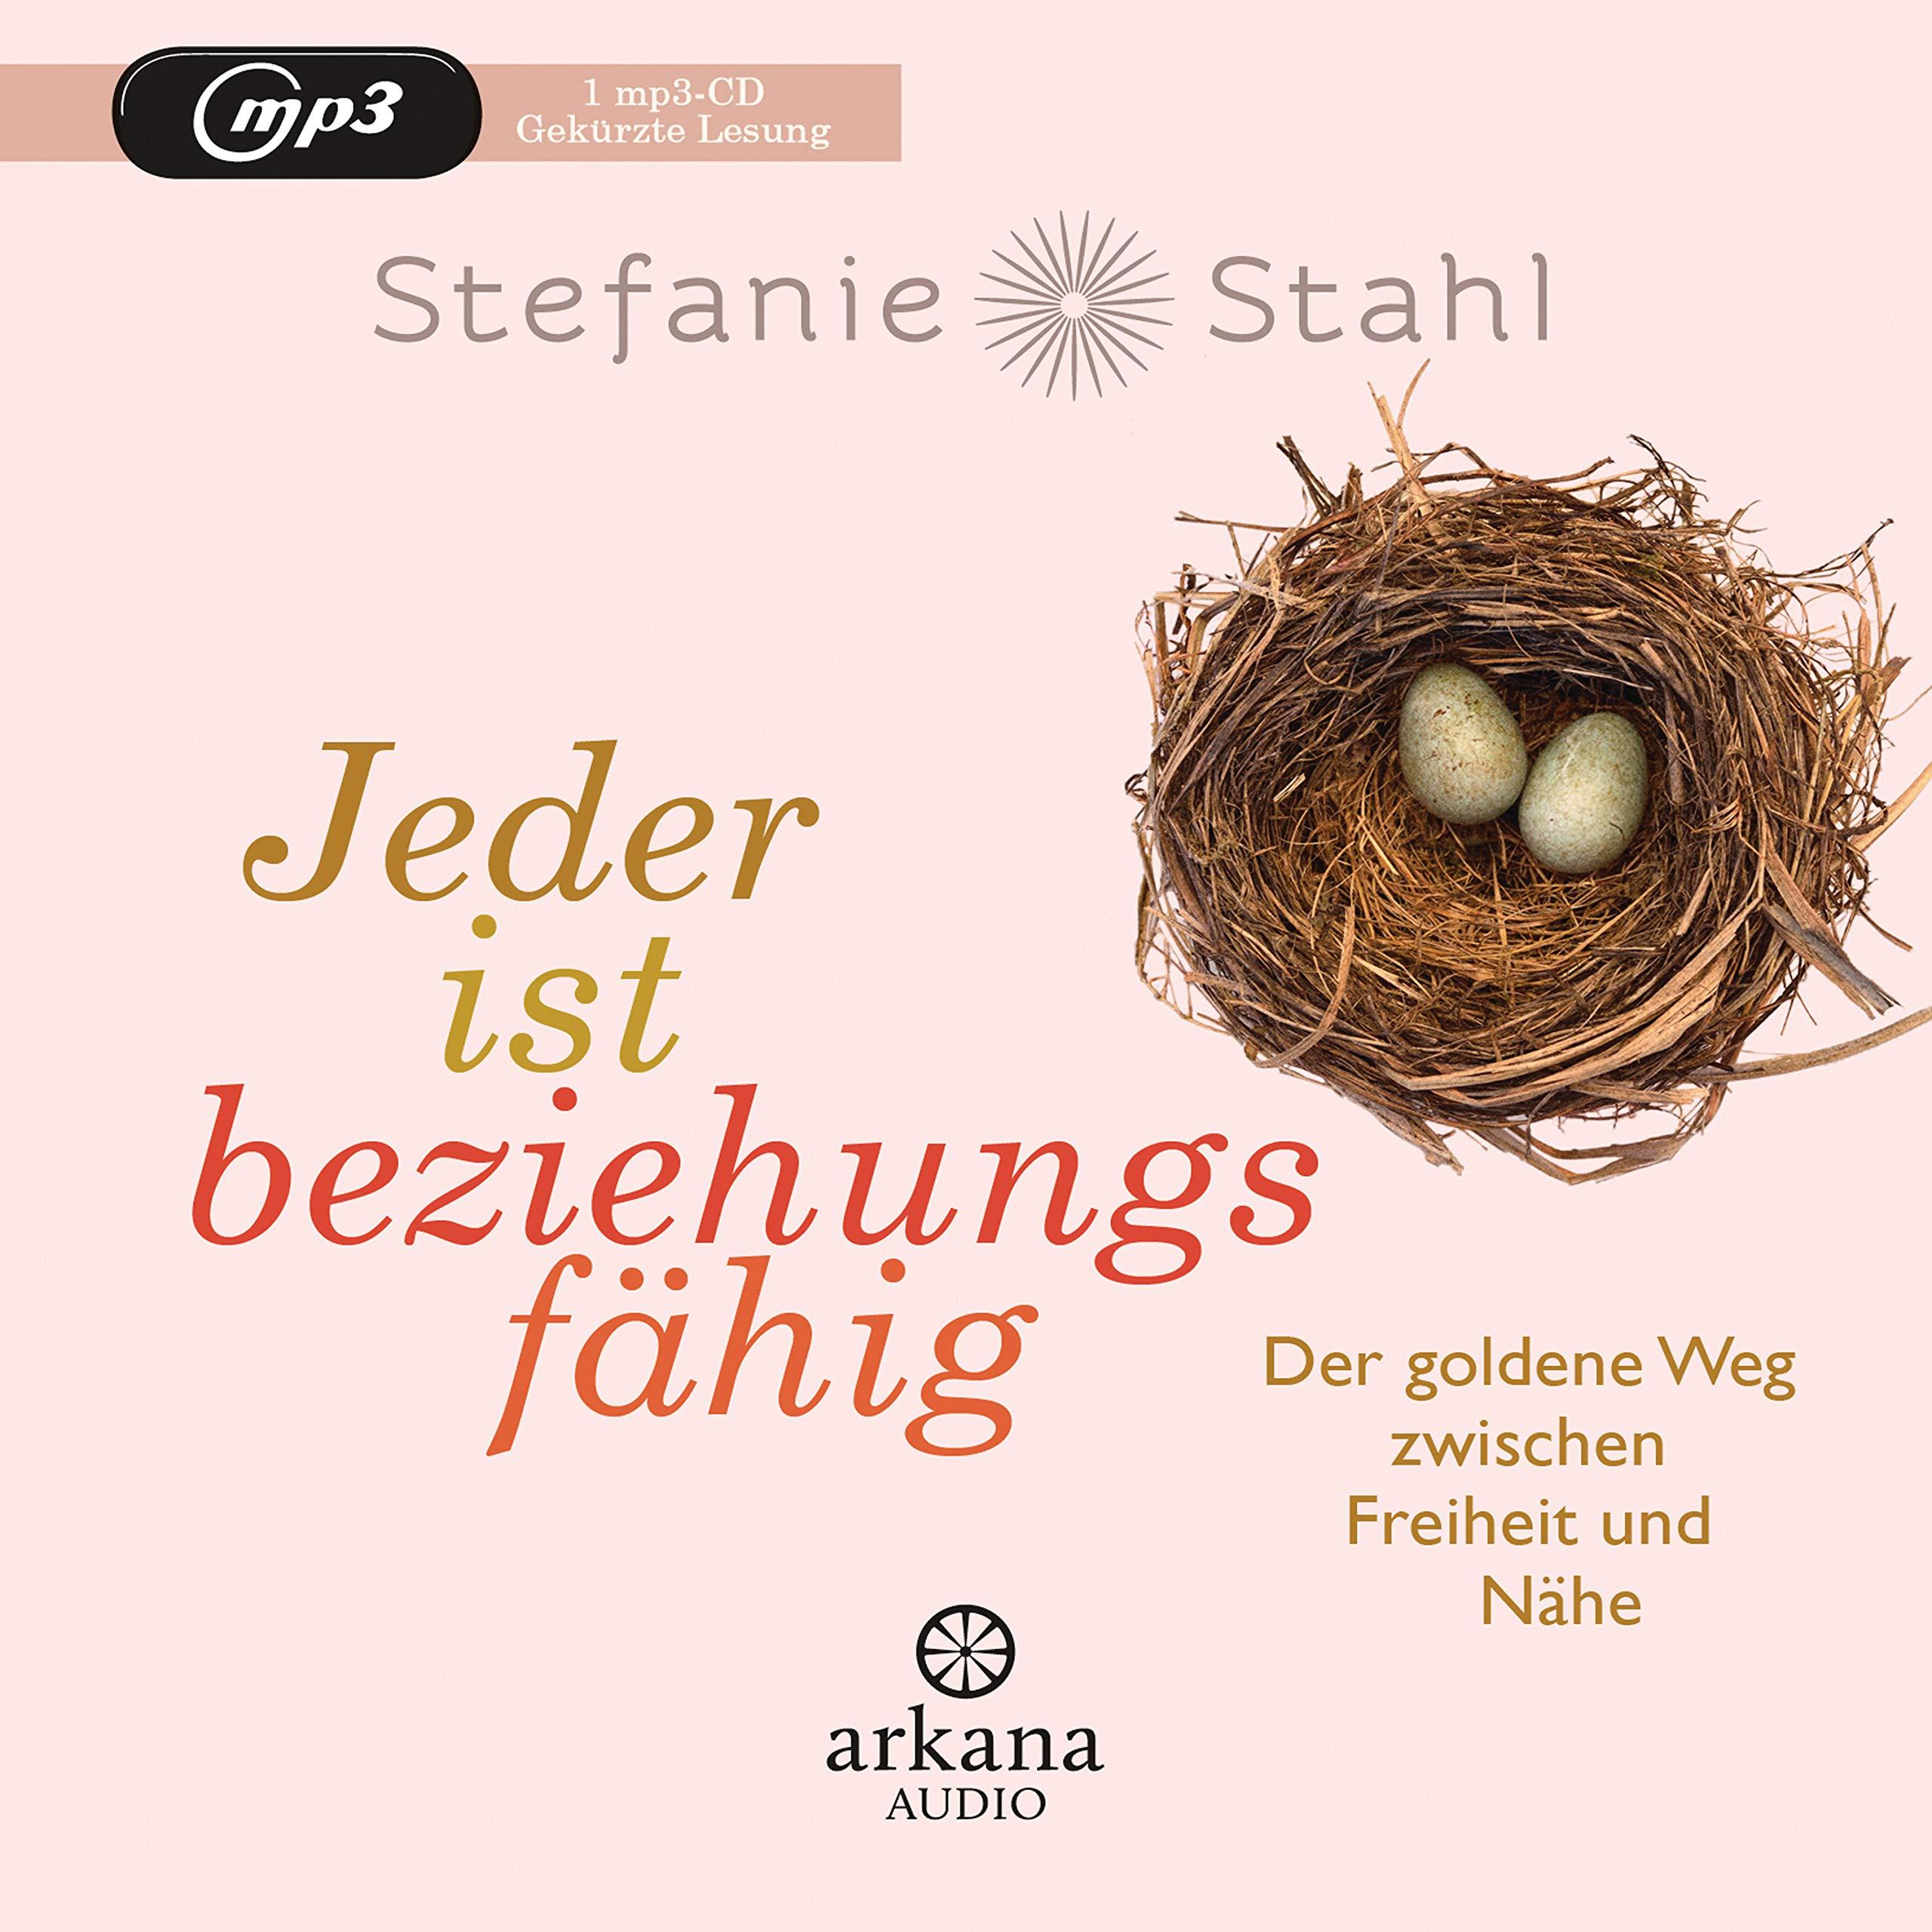 Frau Sucht Sex in Egg - Bekanntschaften - Partnersuche